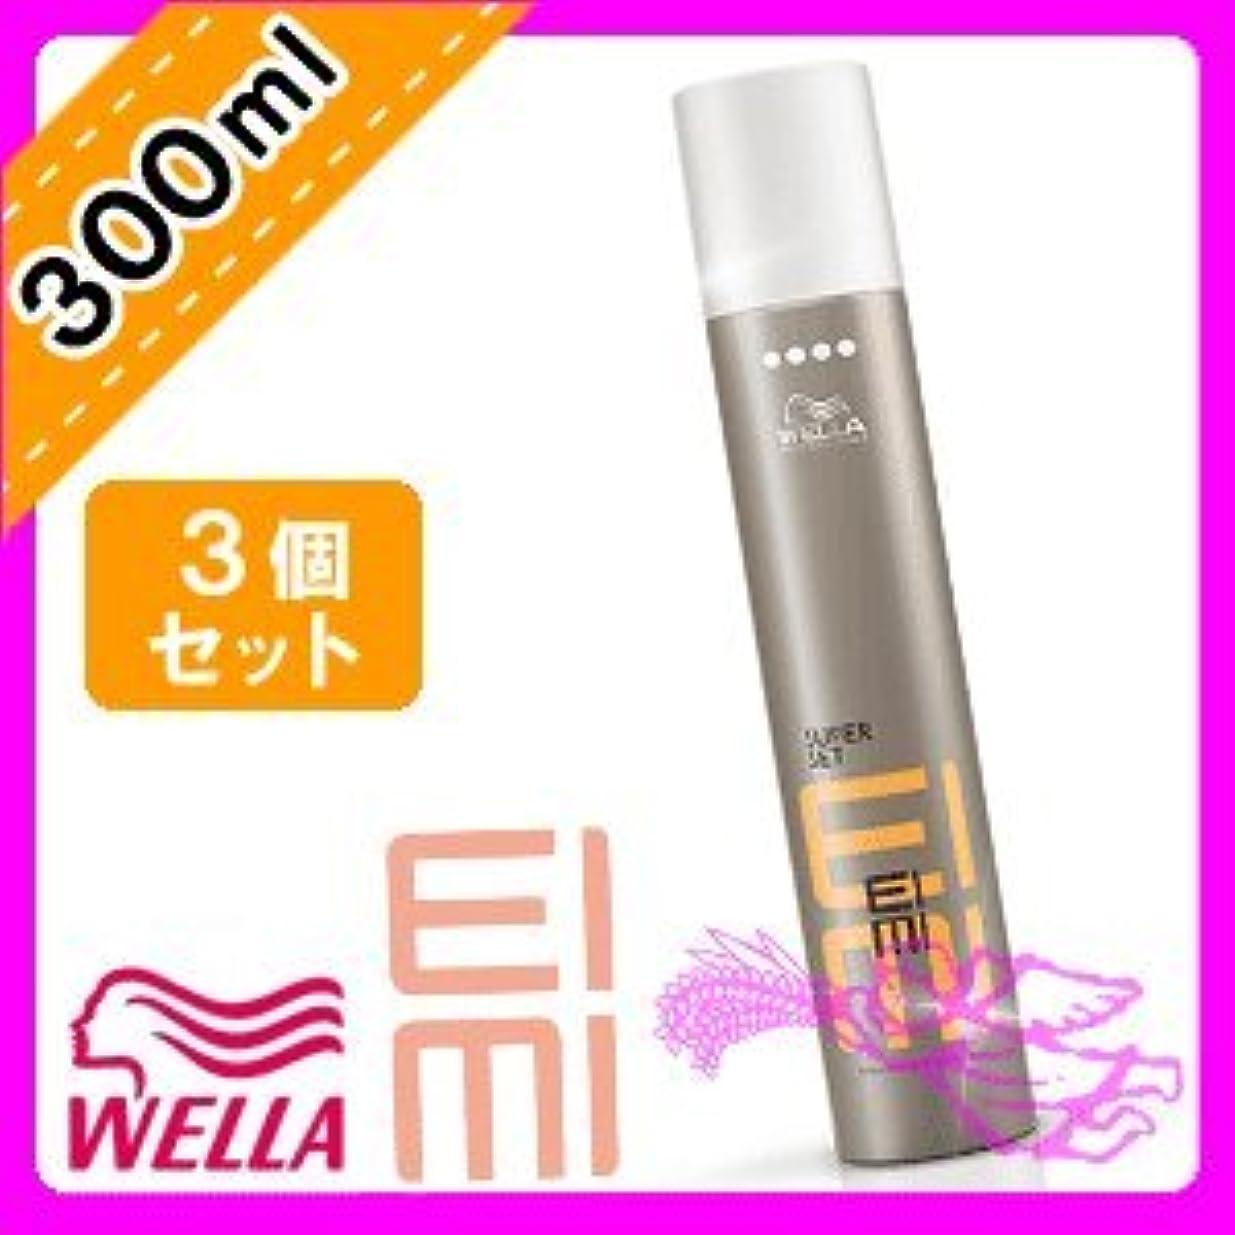 宣伝ささいなブラウンウエラ EIMI(アイミィ) スーパーセットスプレー 300ml ×3個 セット WELLA P&G